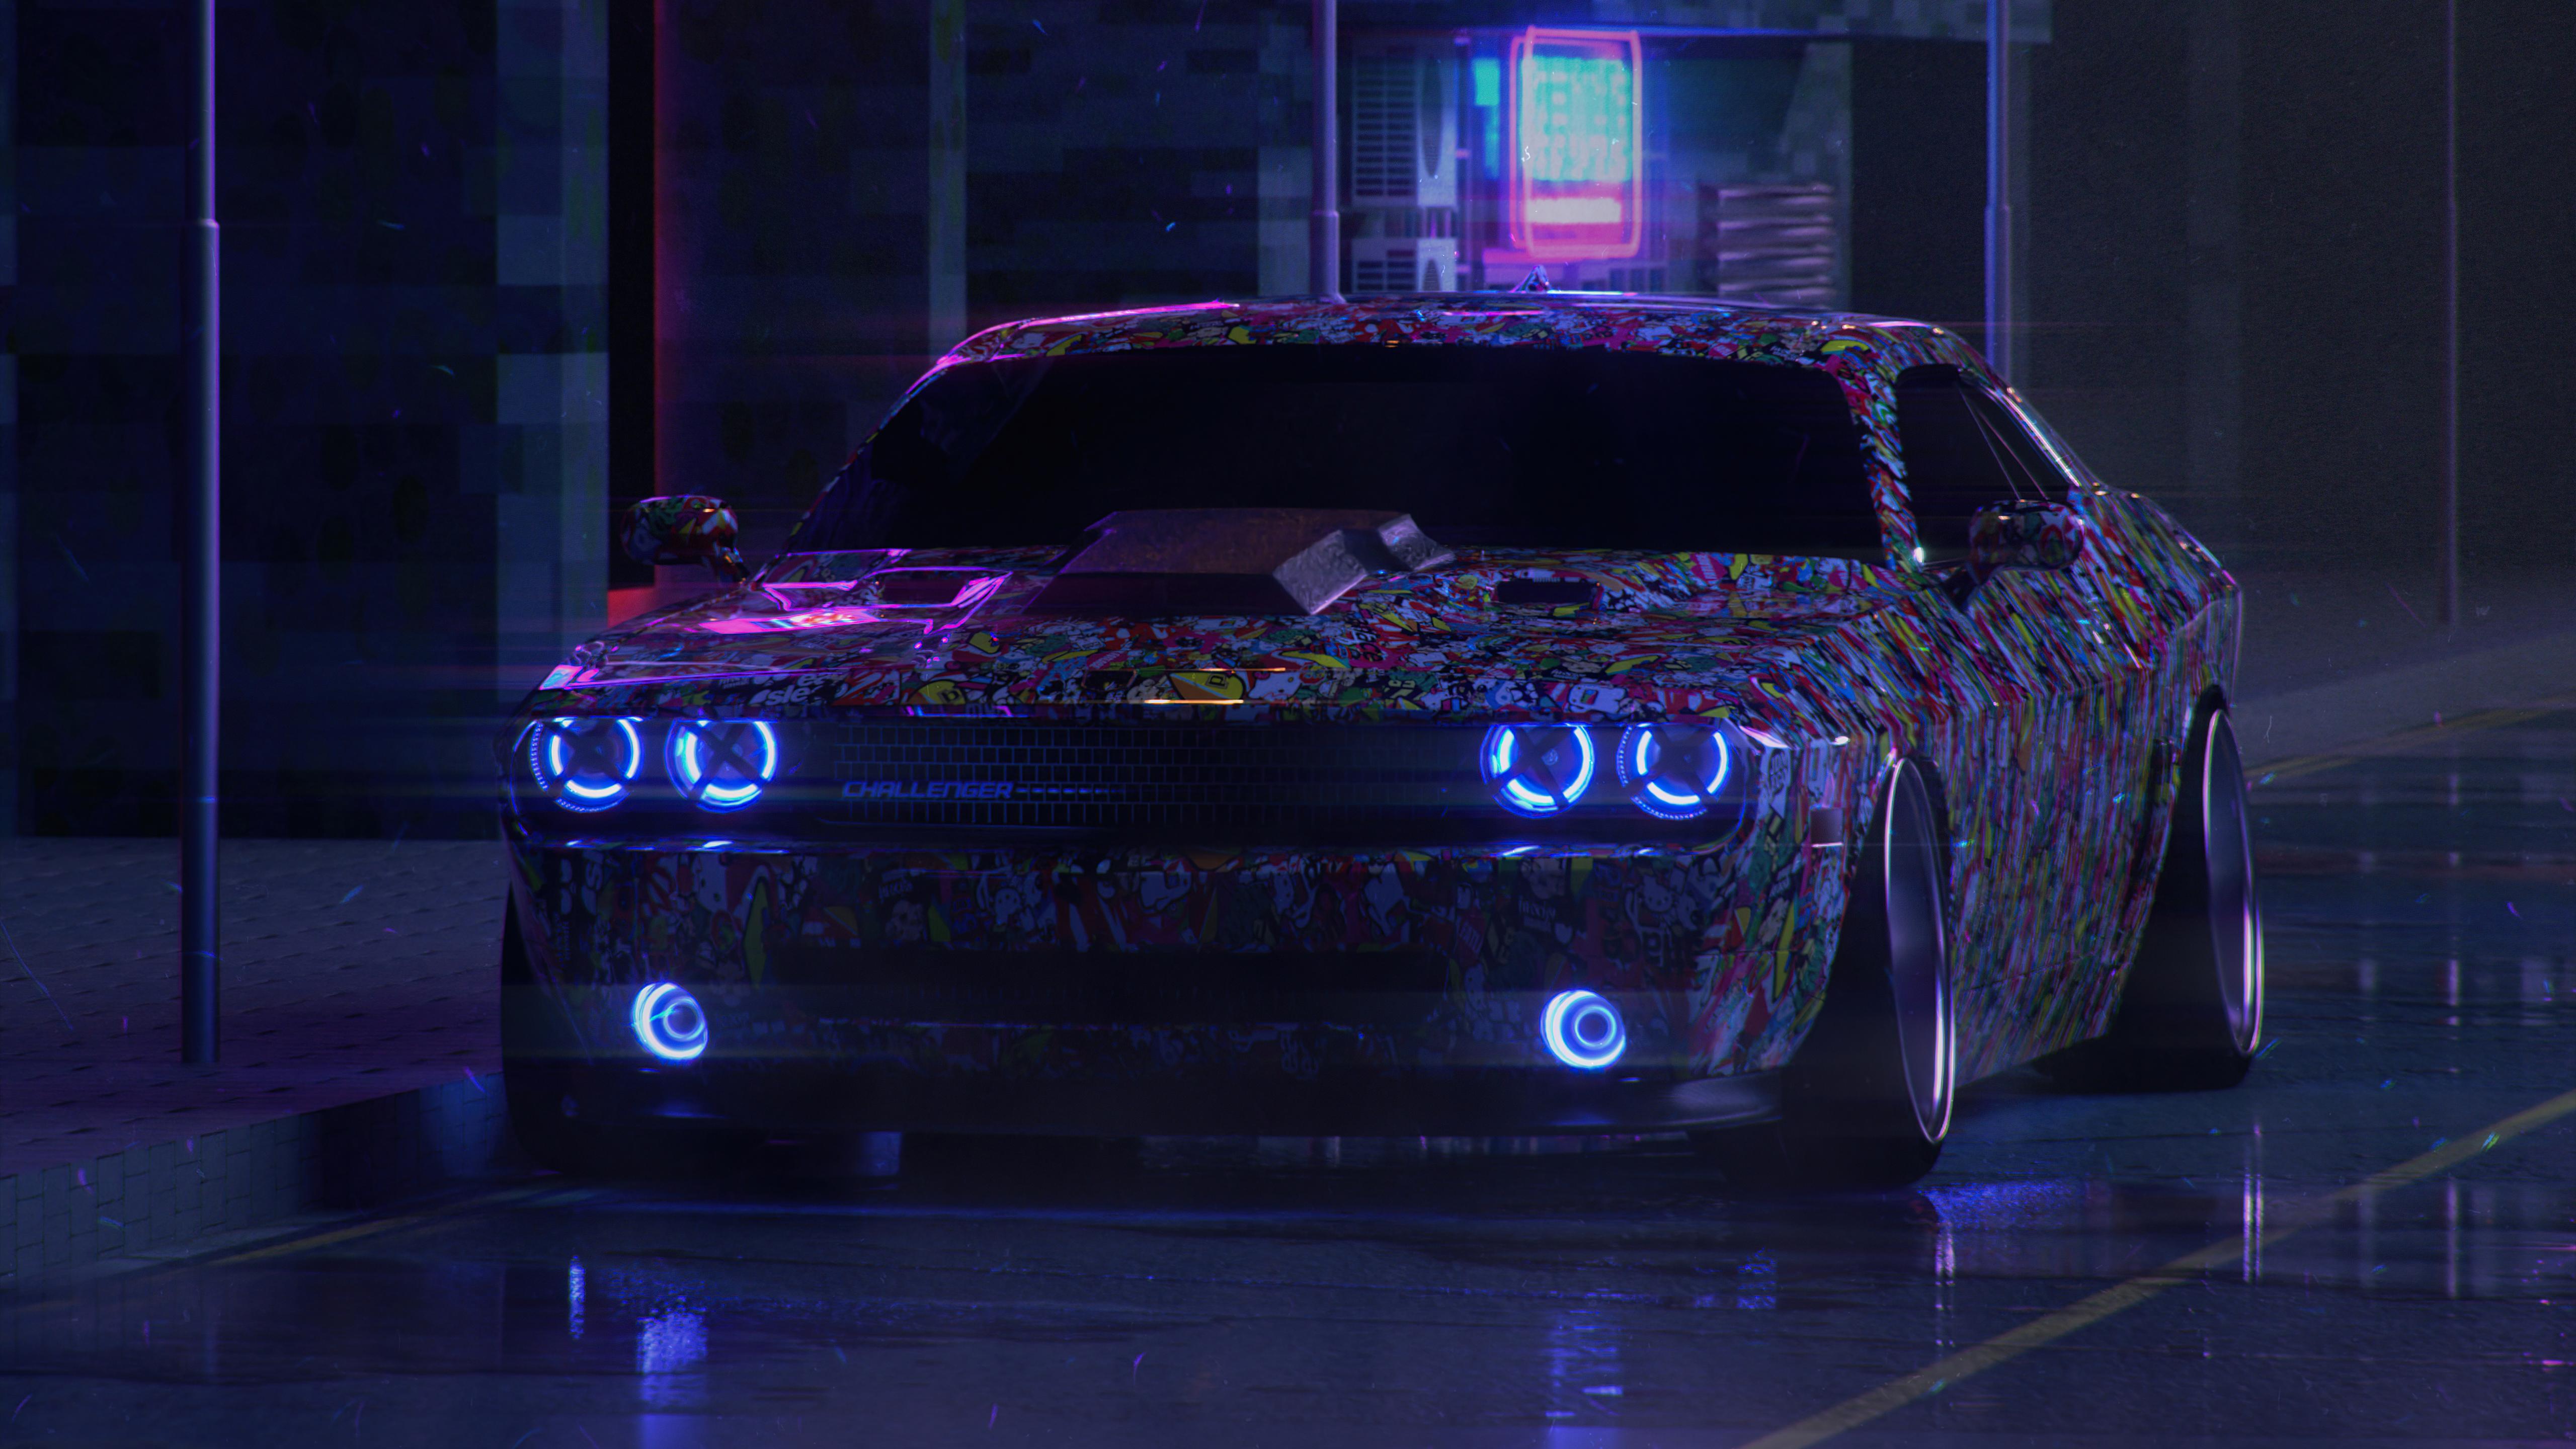 dodge challenger on street neon 4k 1618920300 - Dodge Challenger On Street Neon 4k - Dodge Challenger On Street Neon 4k wallpapers